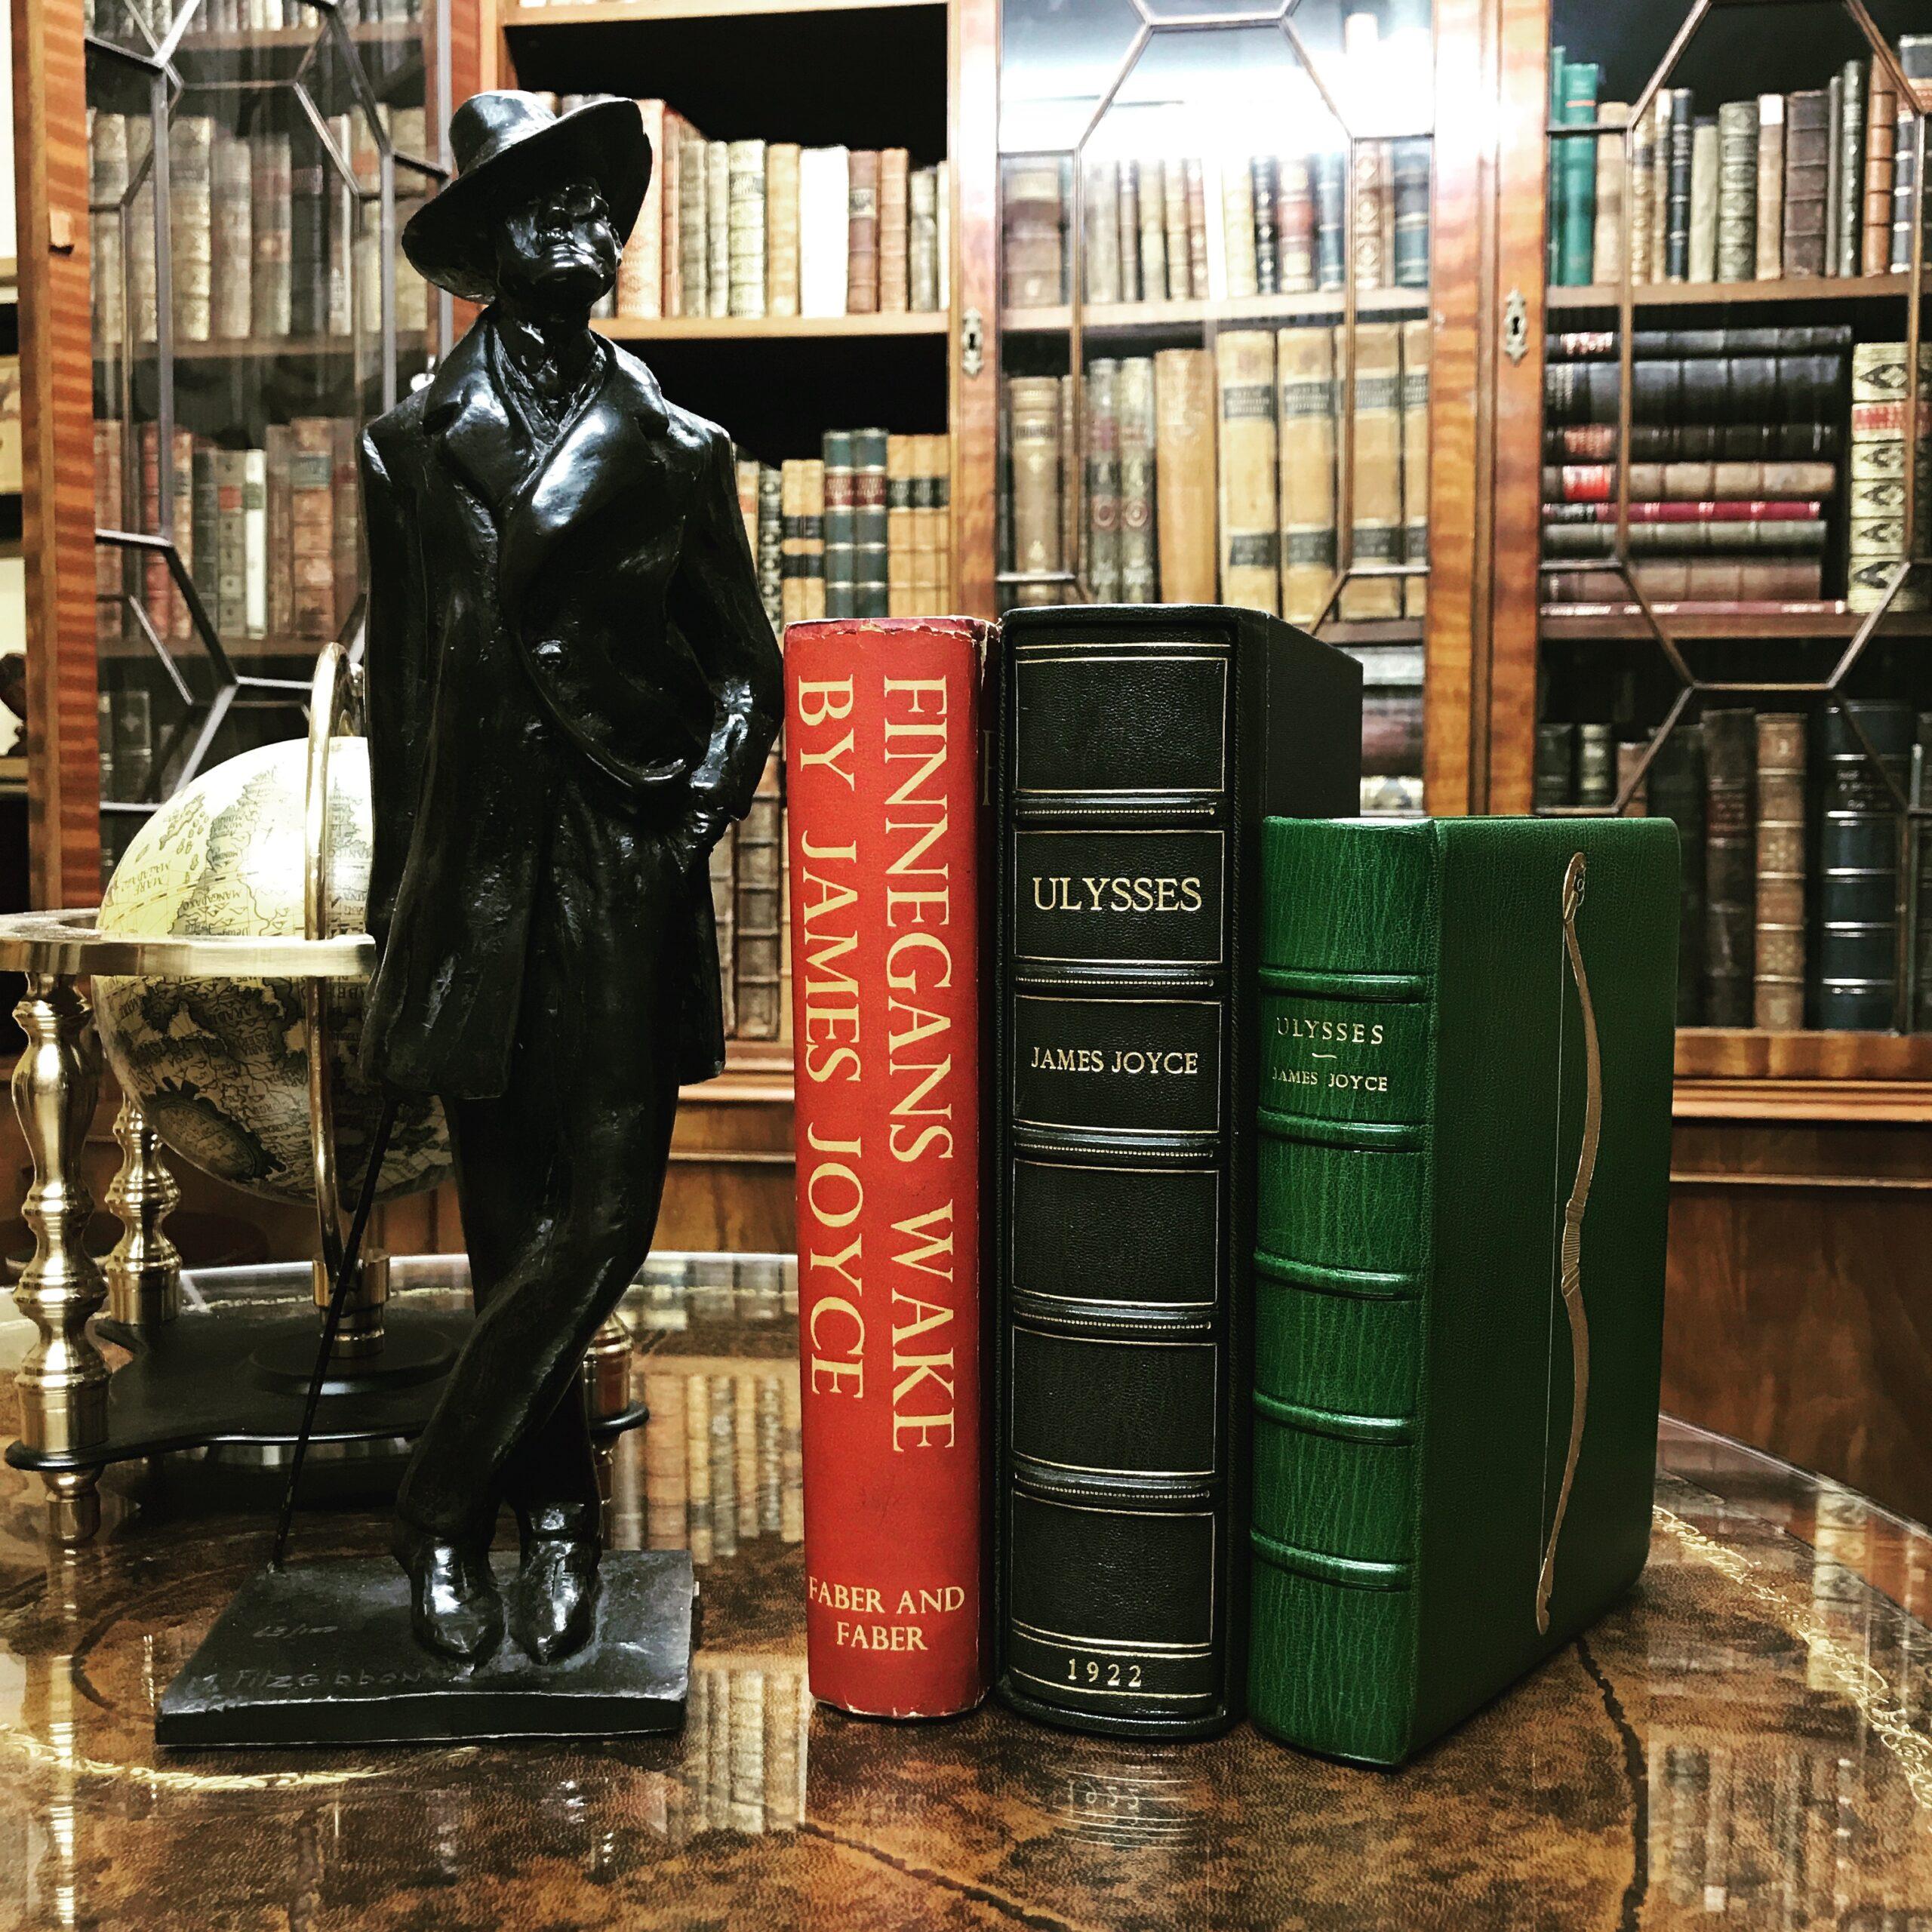 DeBurca-Rare-Books-about-us-005